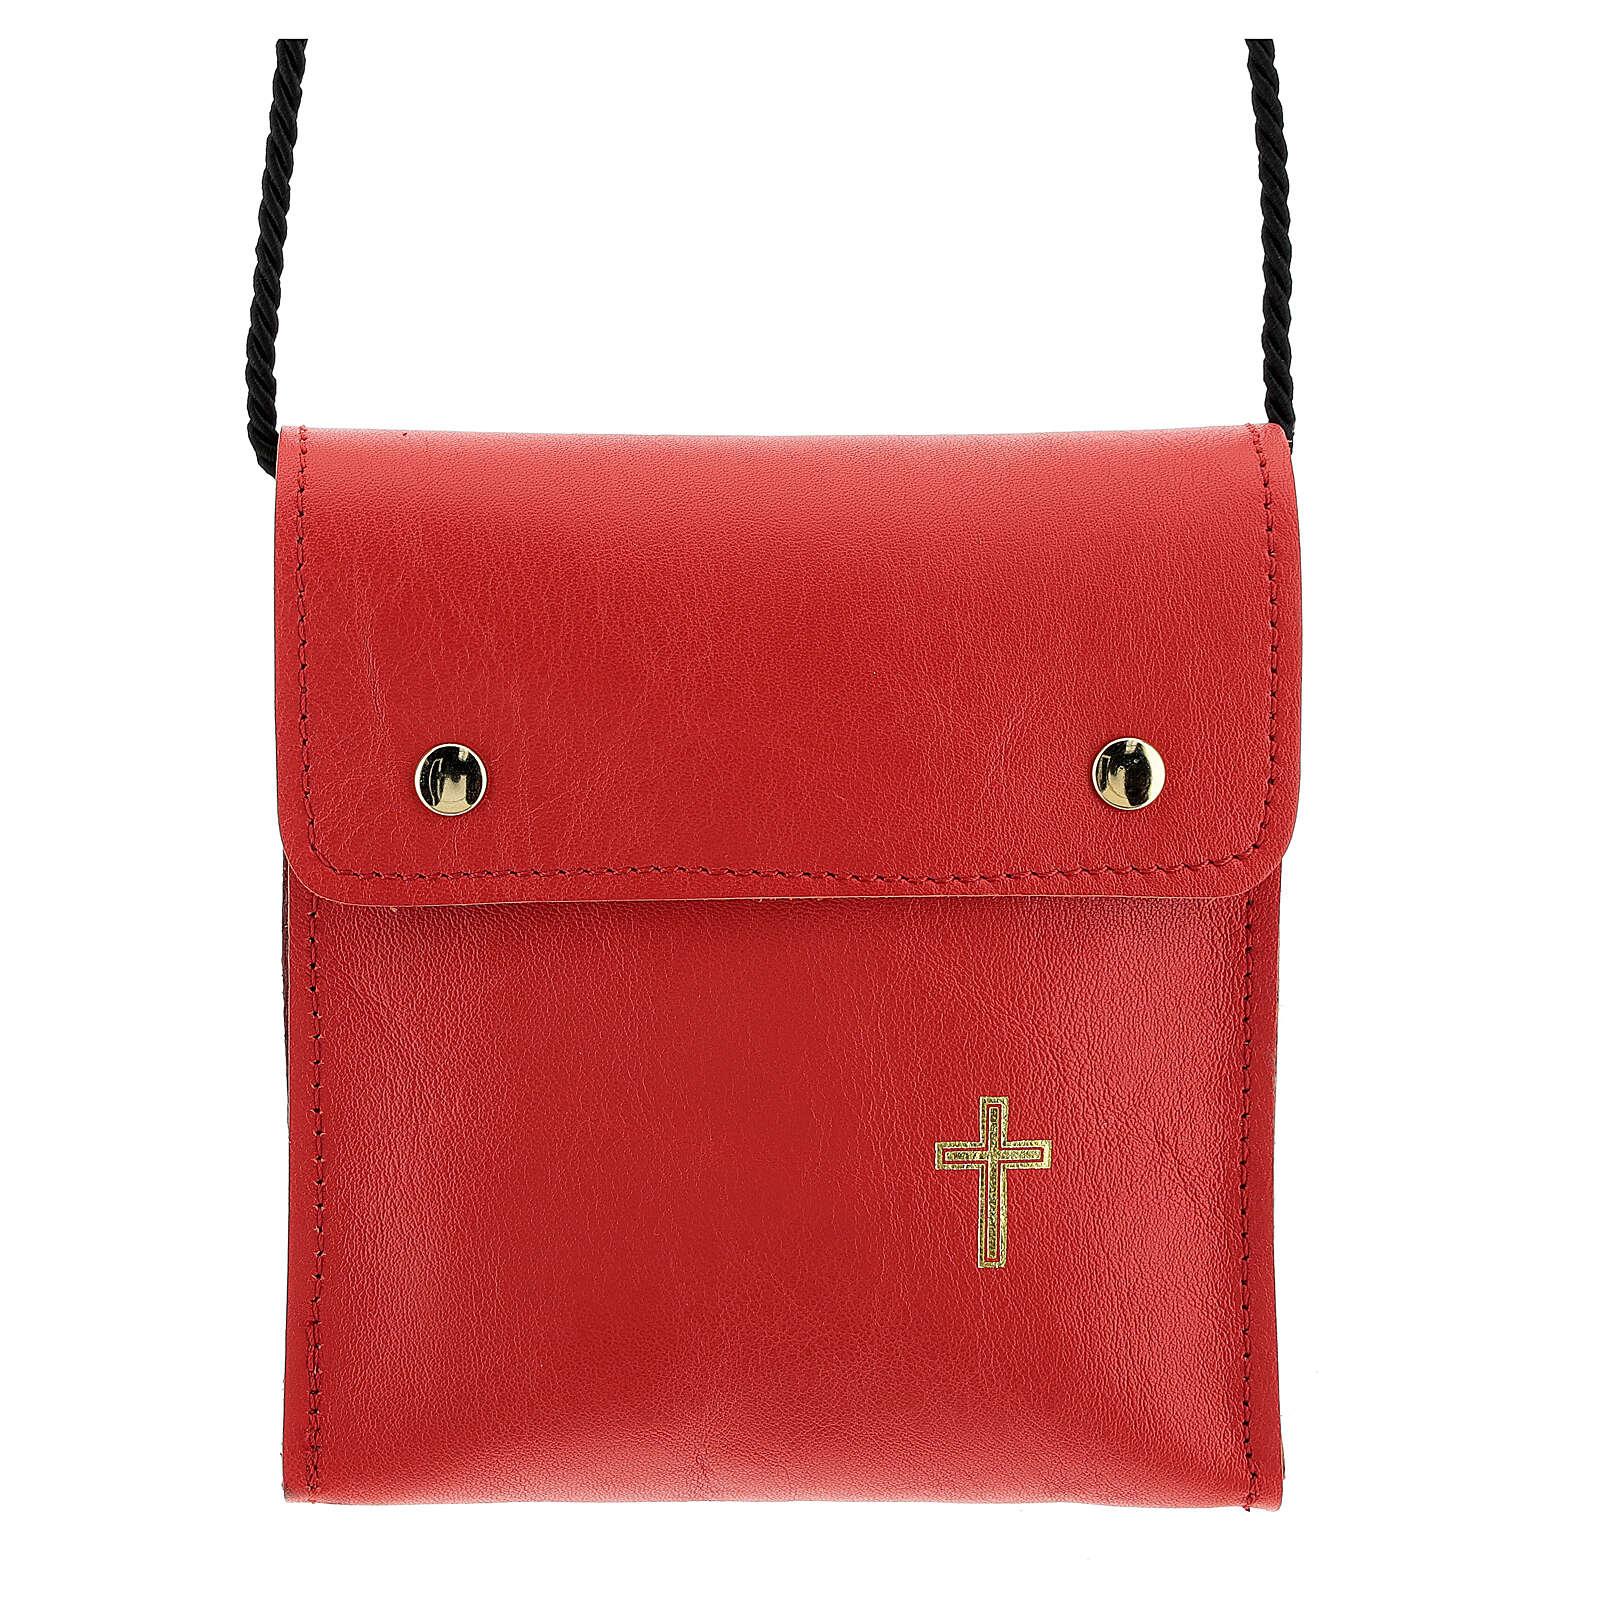 Sac rectangulaire pour patène 13x12 cm cuir véritable rouge 4